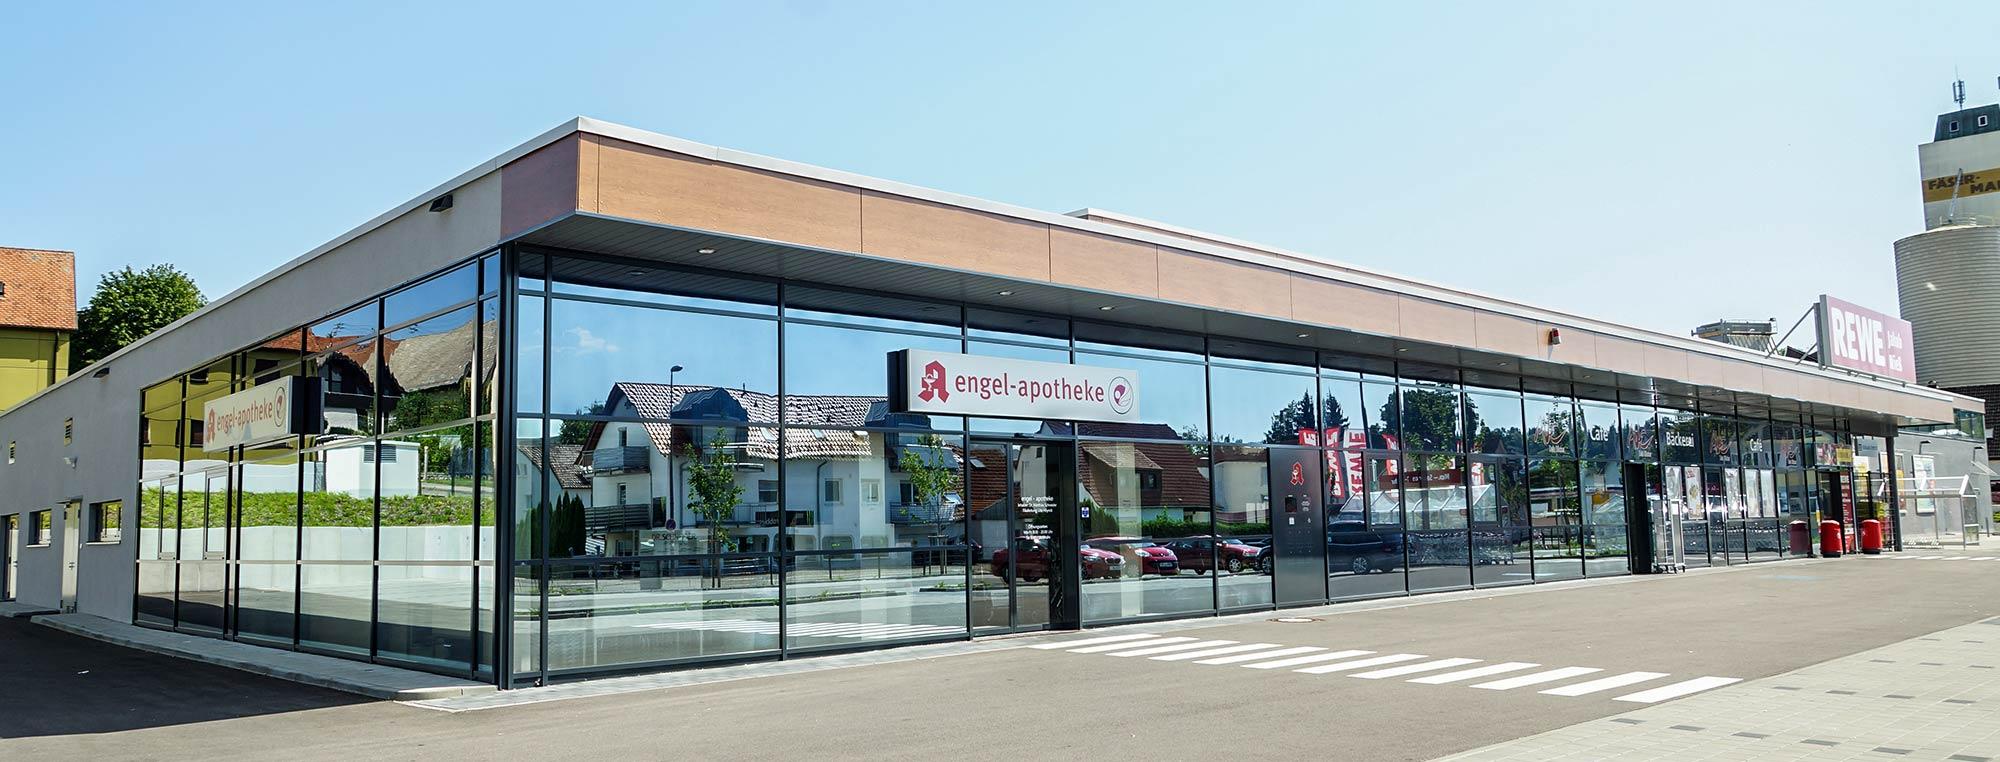 Einkaufszentren bauen mit bendl Bauunternehmen.